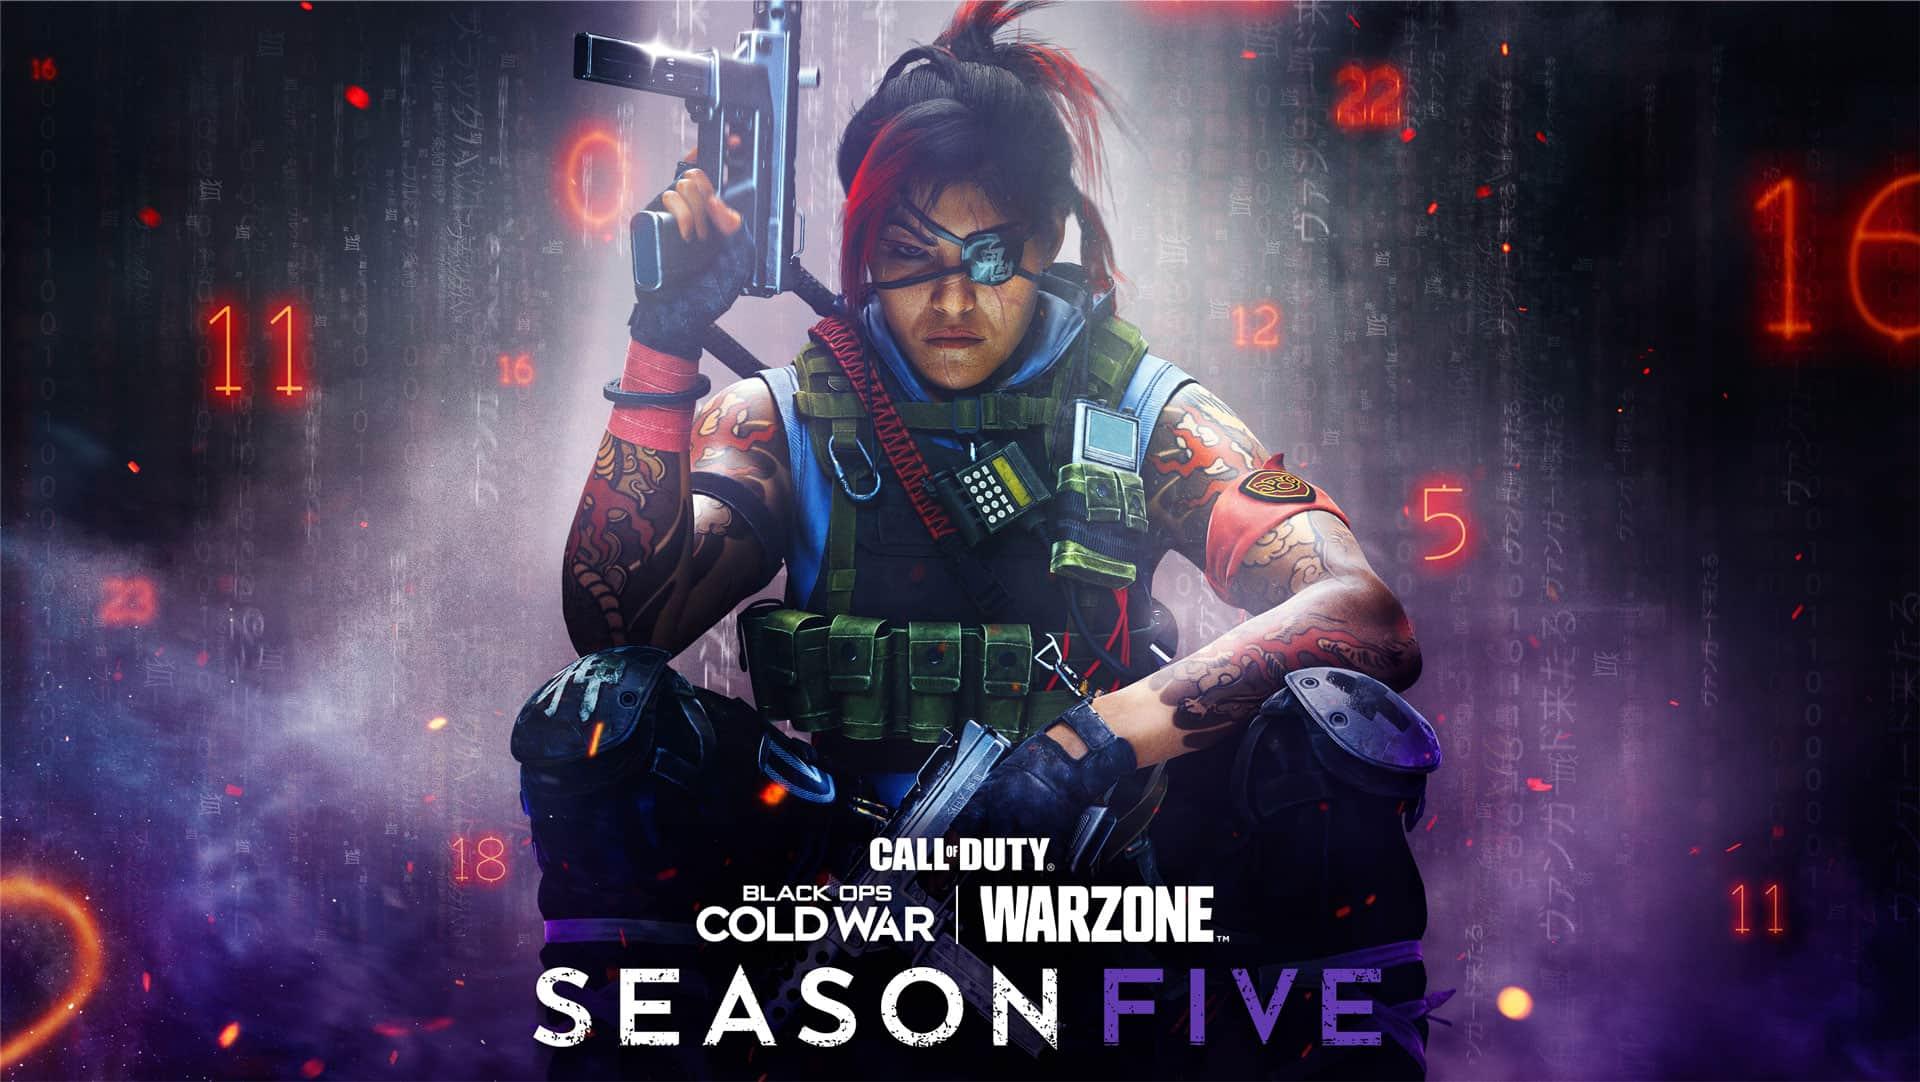 Todo sobre el pase de batalla de la temporada 5 de Warzone